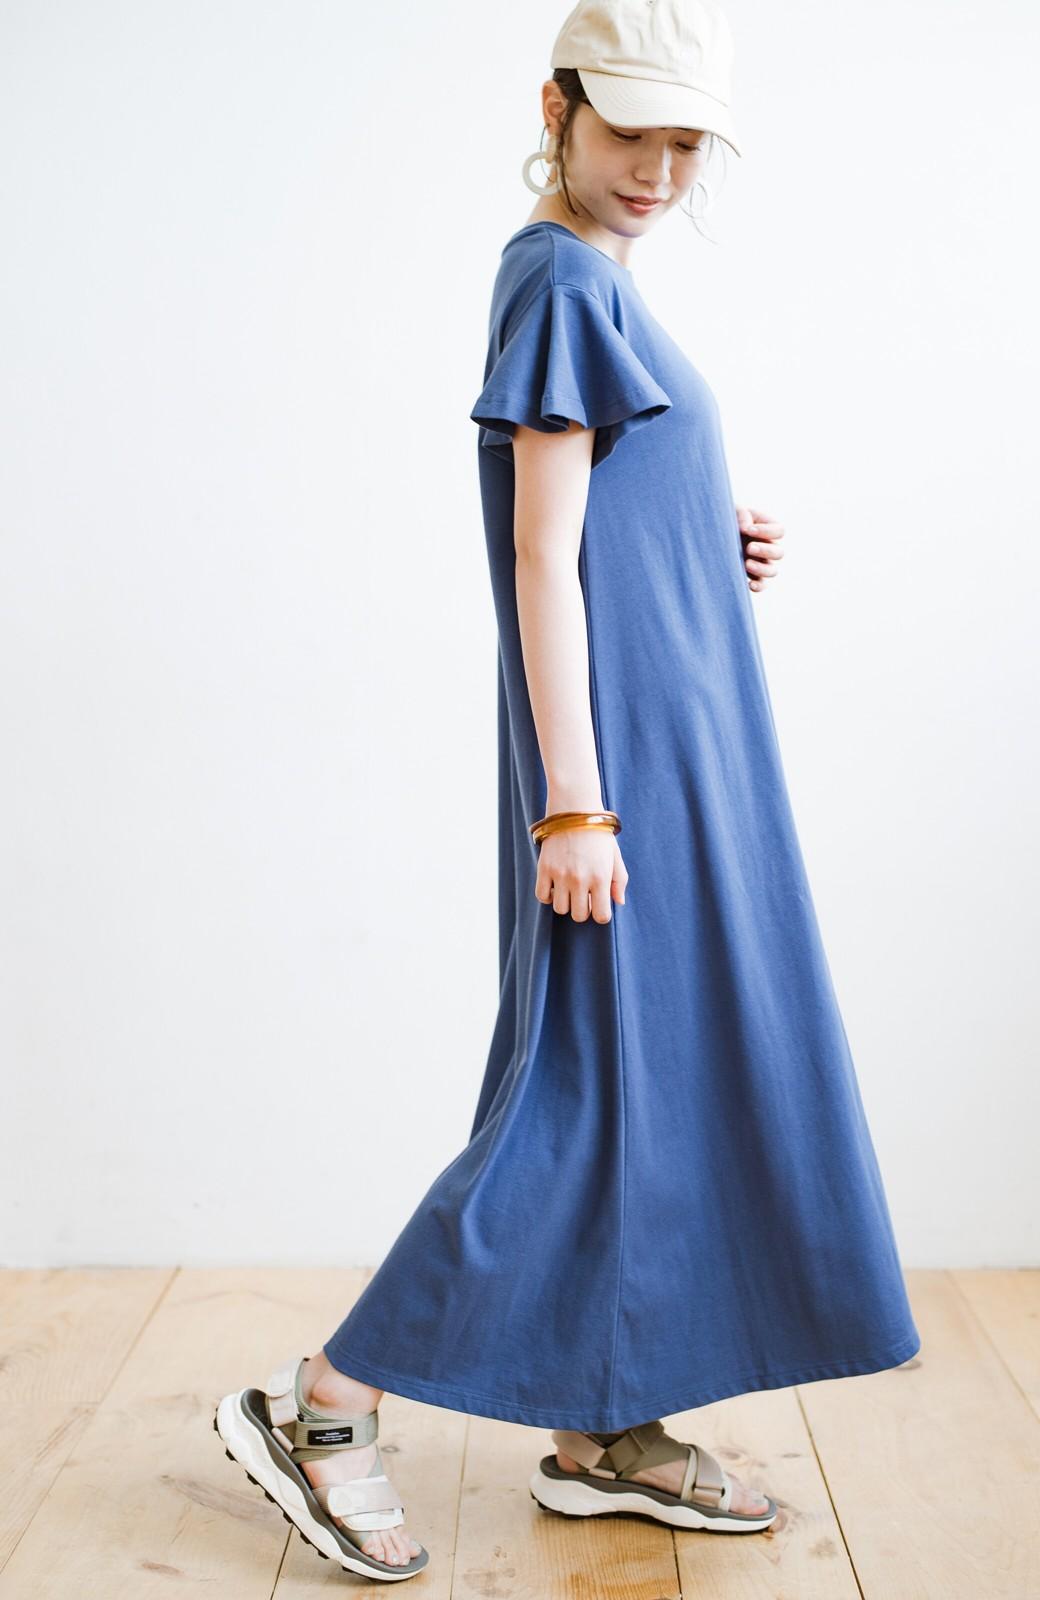 haco! 1枚で完璧シルエット!ひらりと揺れる袖がかわいい楽ちんカットソーワンピース <ブルー>の商品写真6